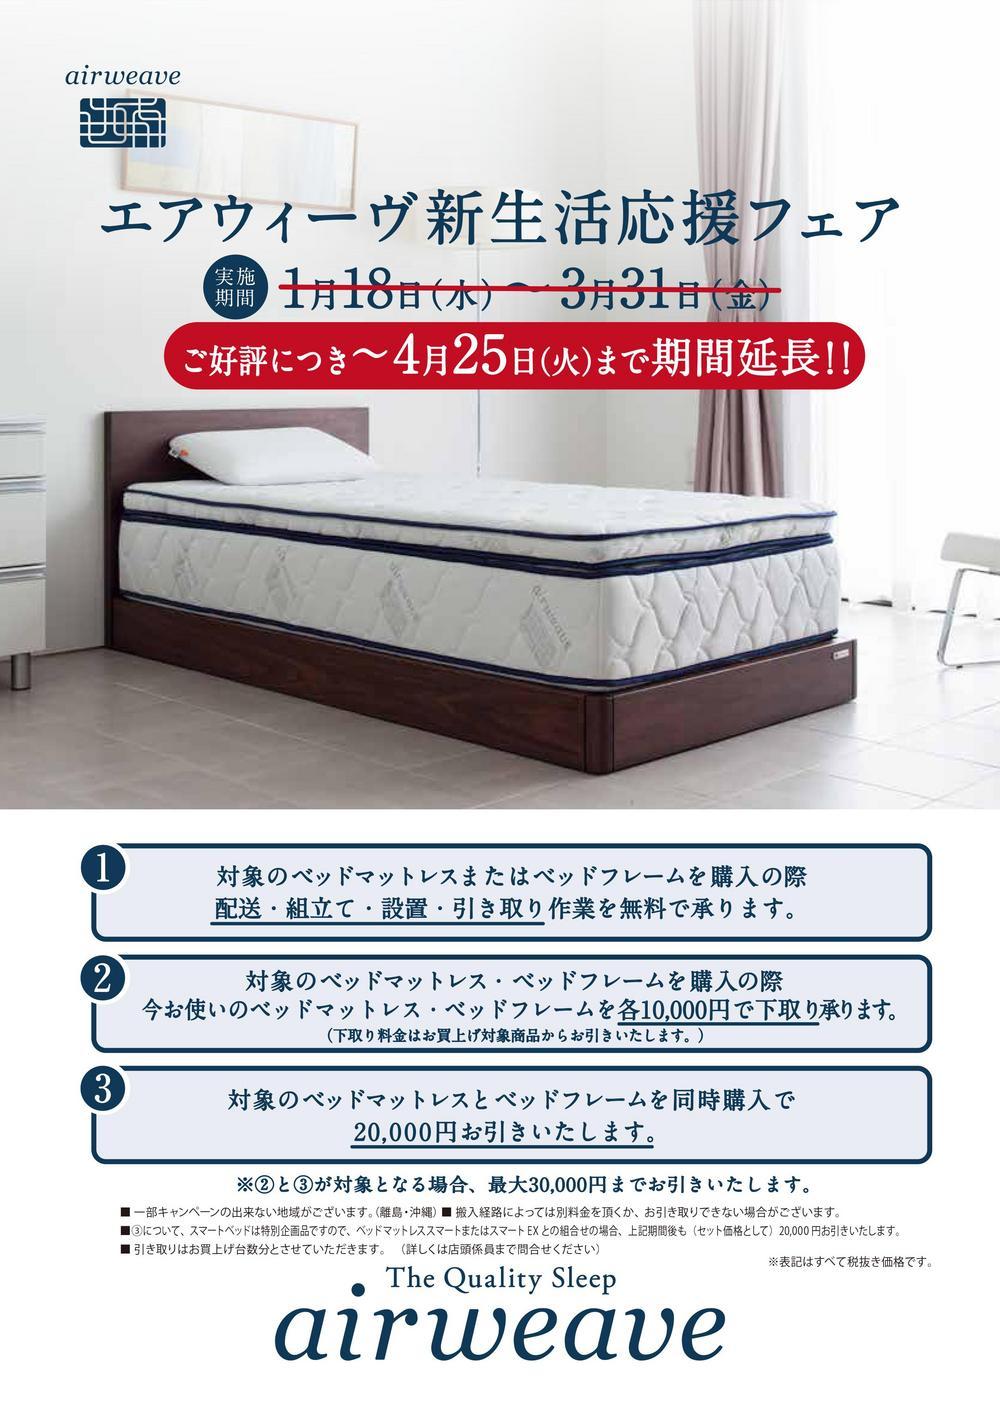 新生活応援フェア延長 百貨店以外.jpgのサムネイル画像